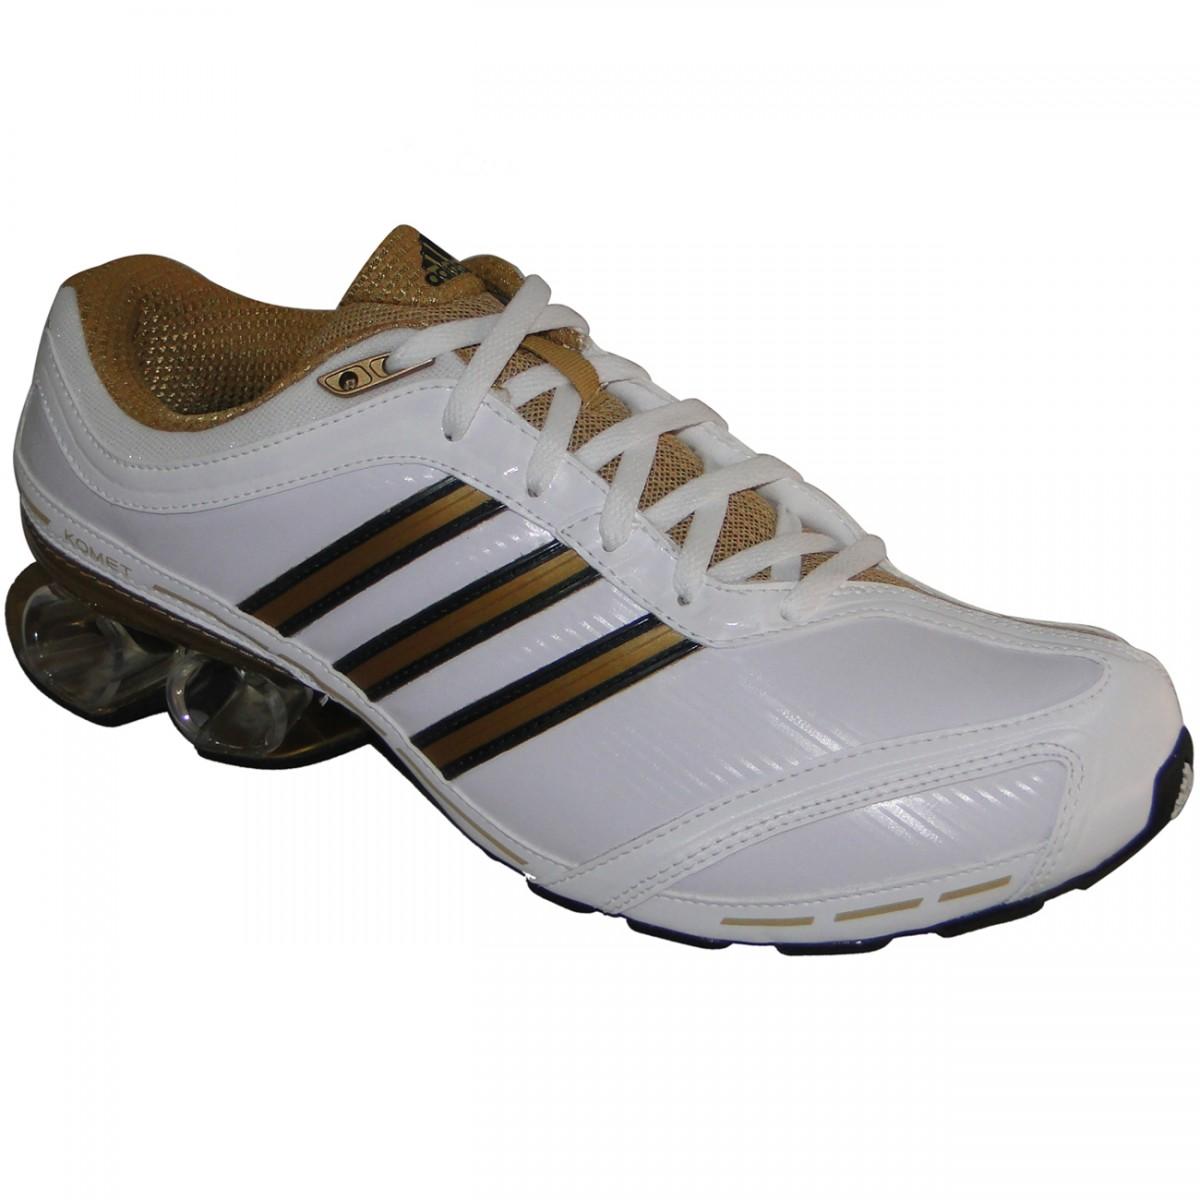 c8cedcd68 Tênis Adidas Komet M 9190 - BRANCO/DOURADO - Chuteira Nike, Adidas.  Sandalias Femininas. Sandy Calçados